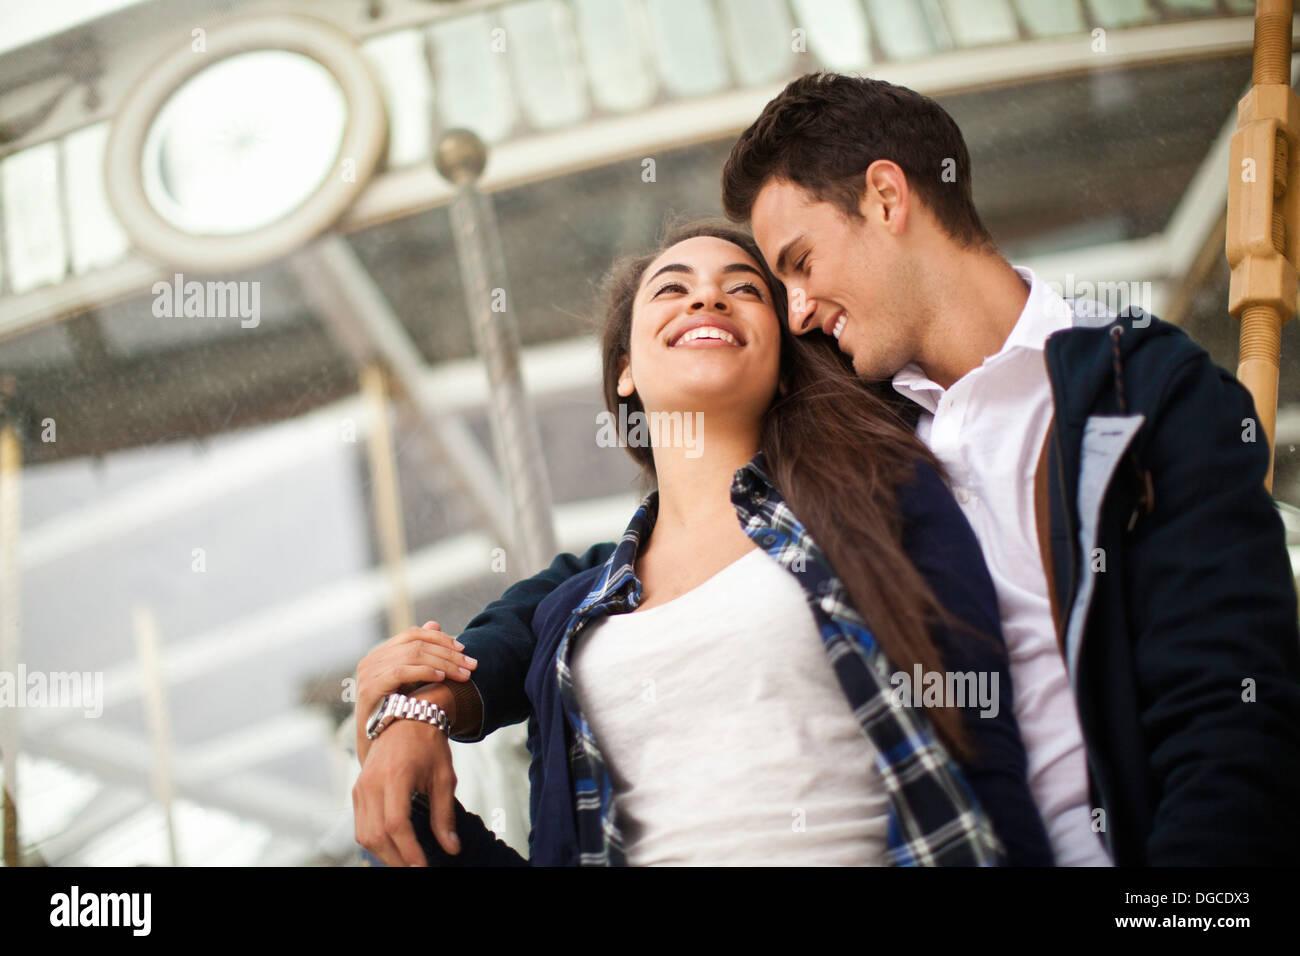 Junger Mann mit Arm um lächelnde Frau Stockbild